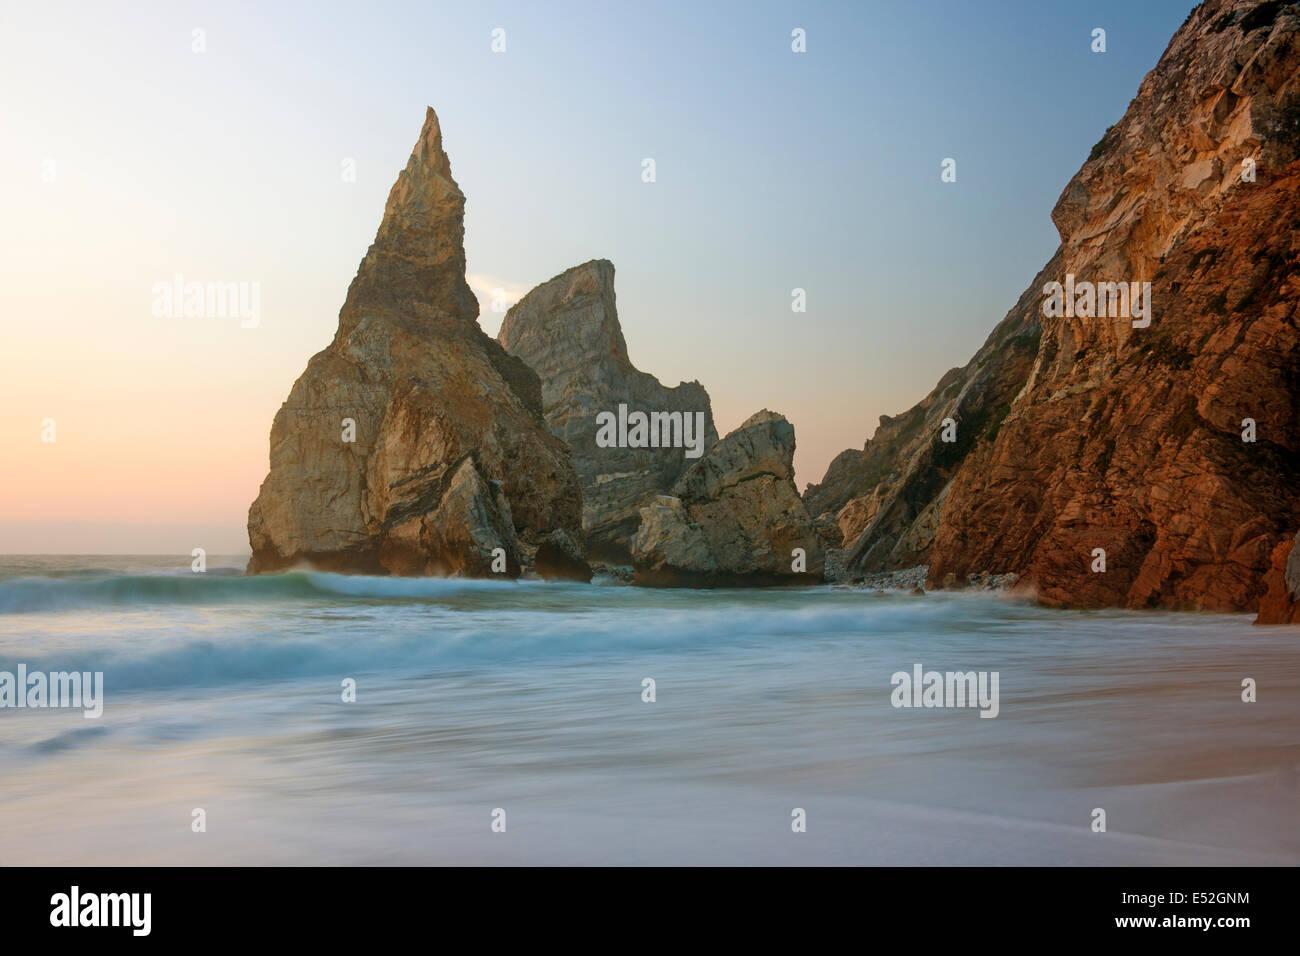 Ursa Beach an der Atlantikküste hat dramatische Felsformationen, genannt der Riese und der Bär. Stockbild